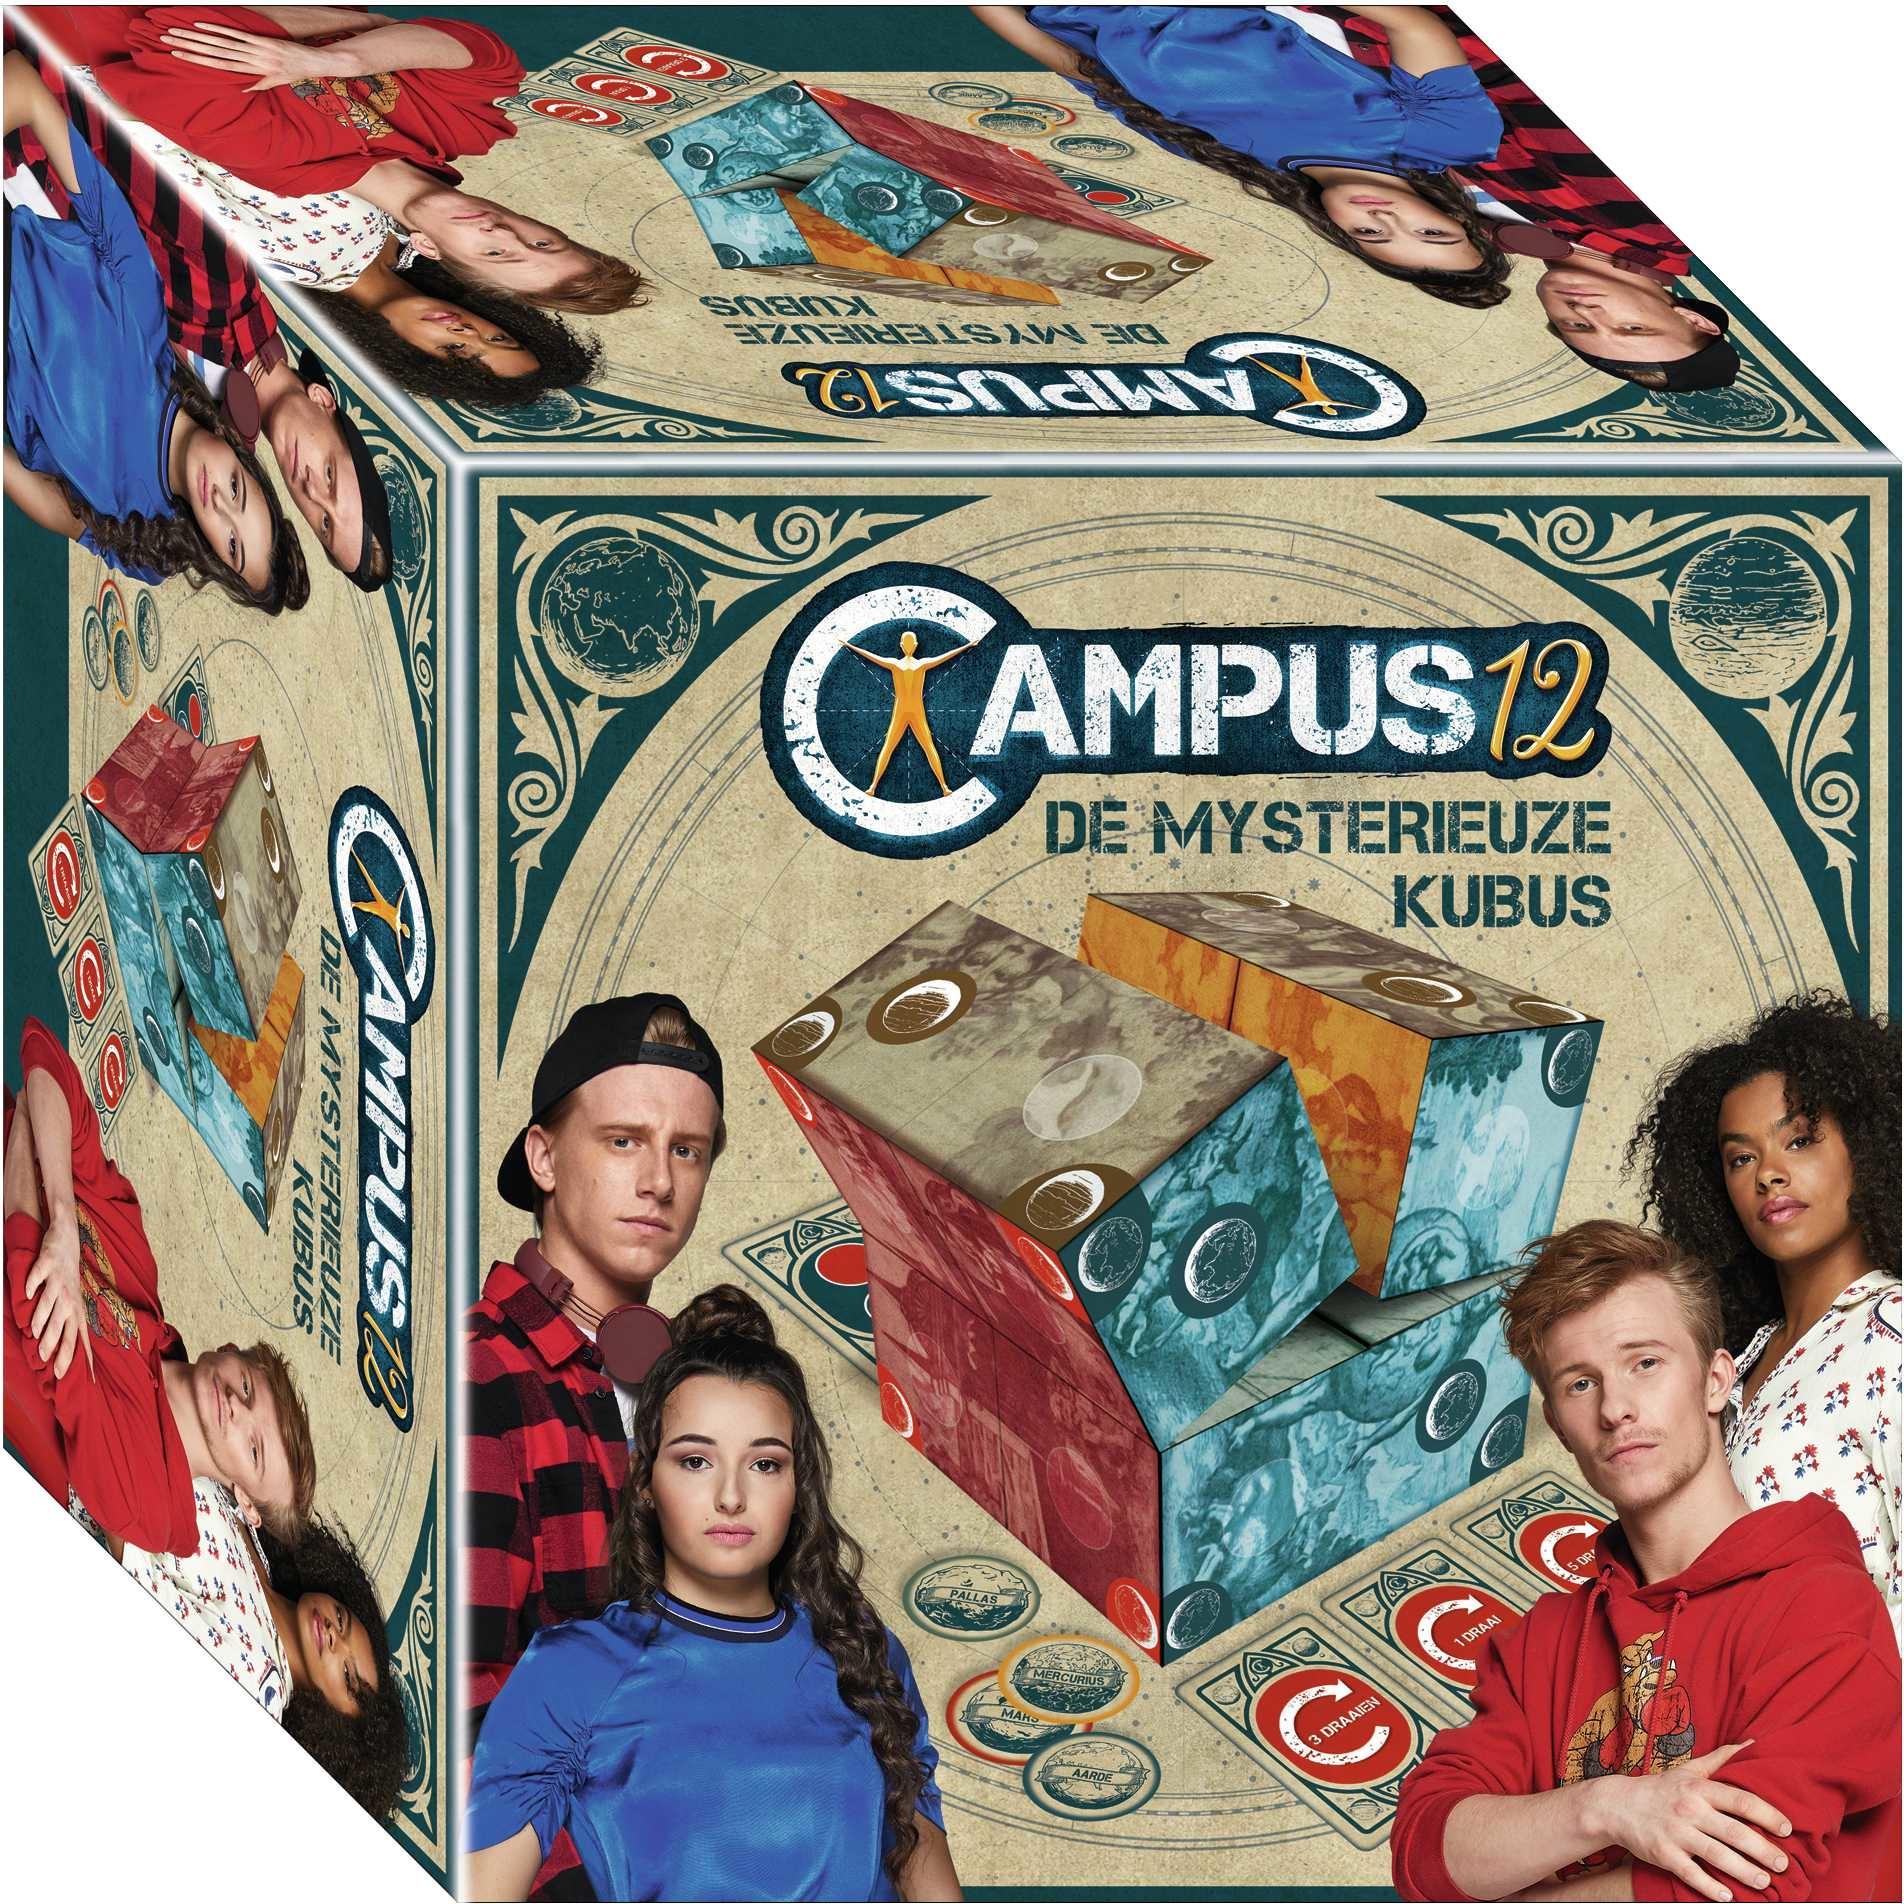 Mysterieuze Kubus Campus 12